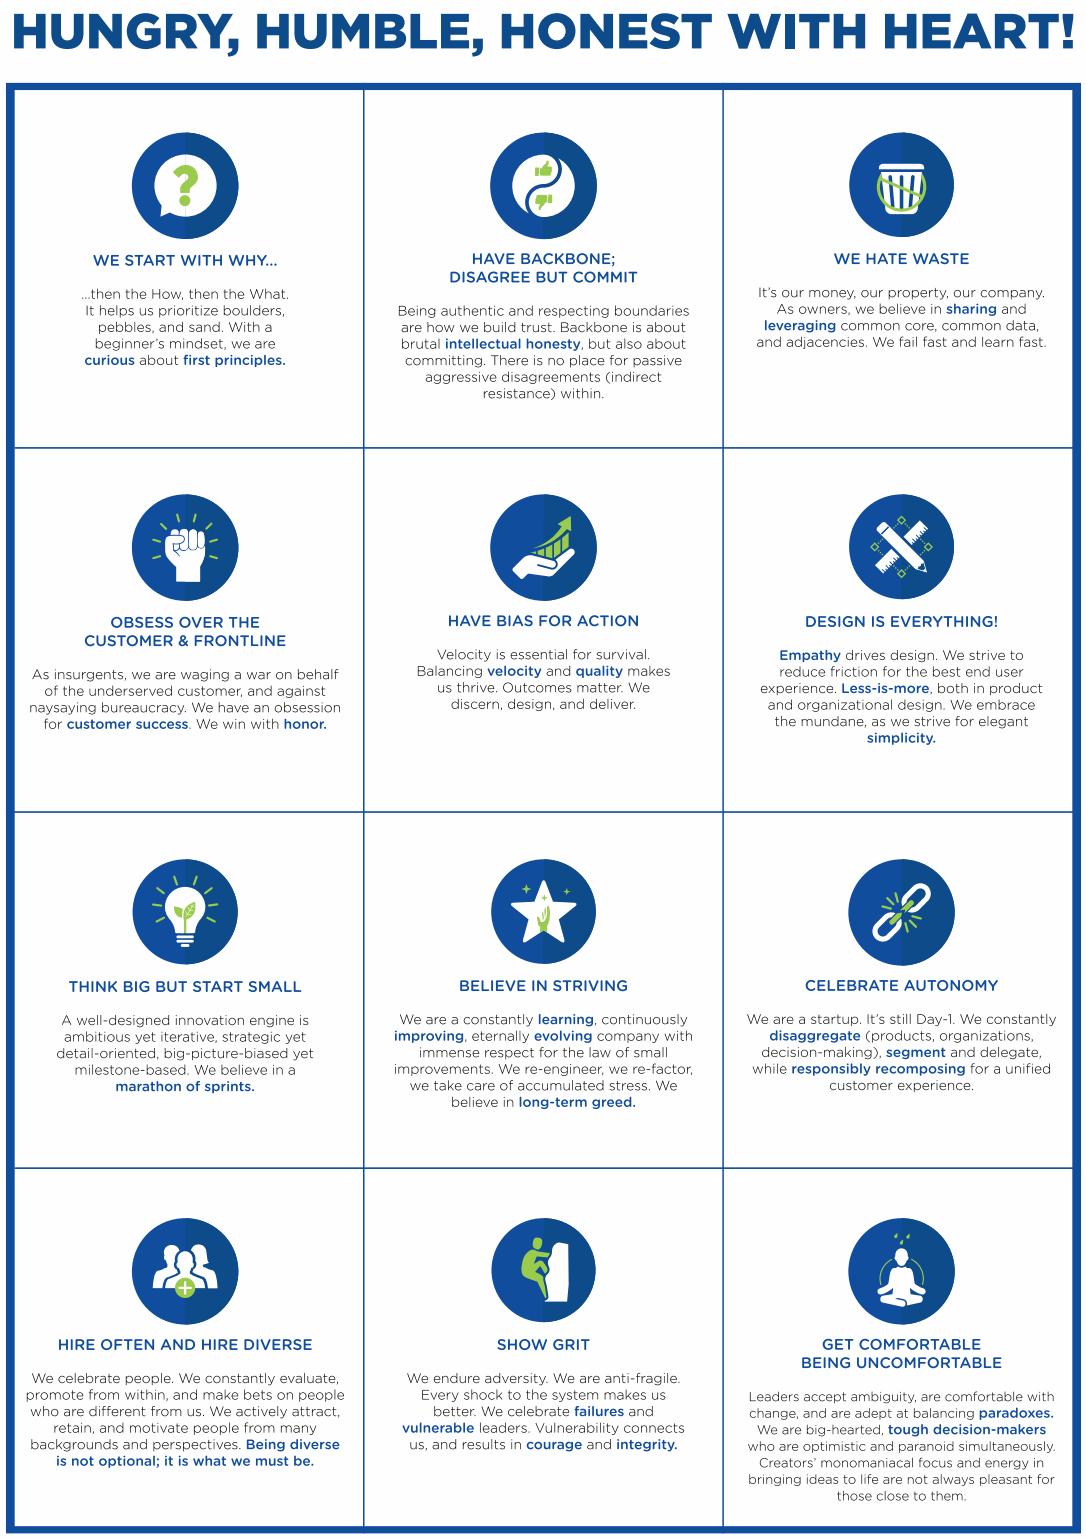 12-nutanix-culture-principles